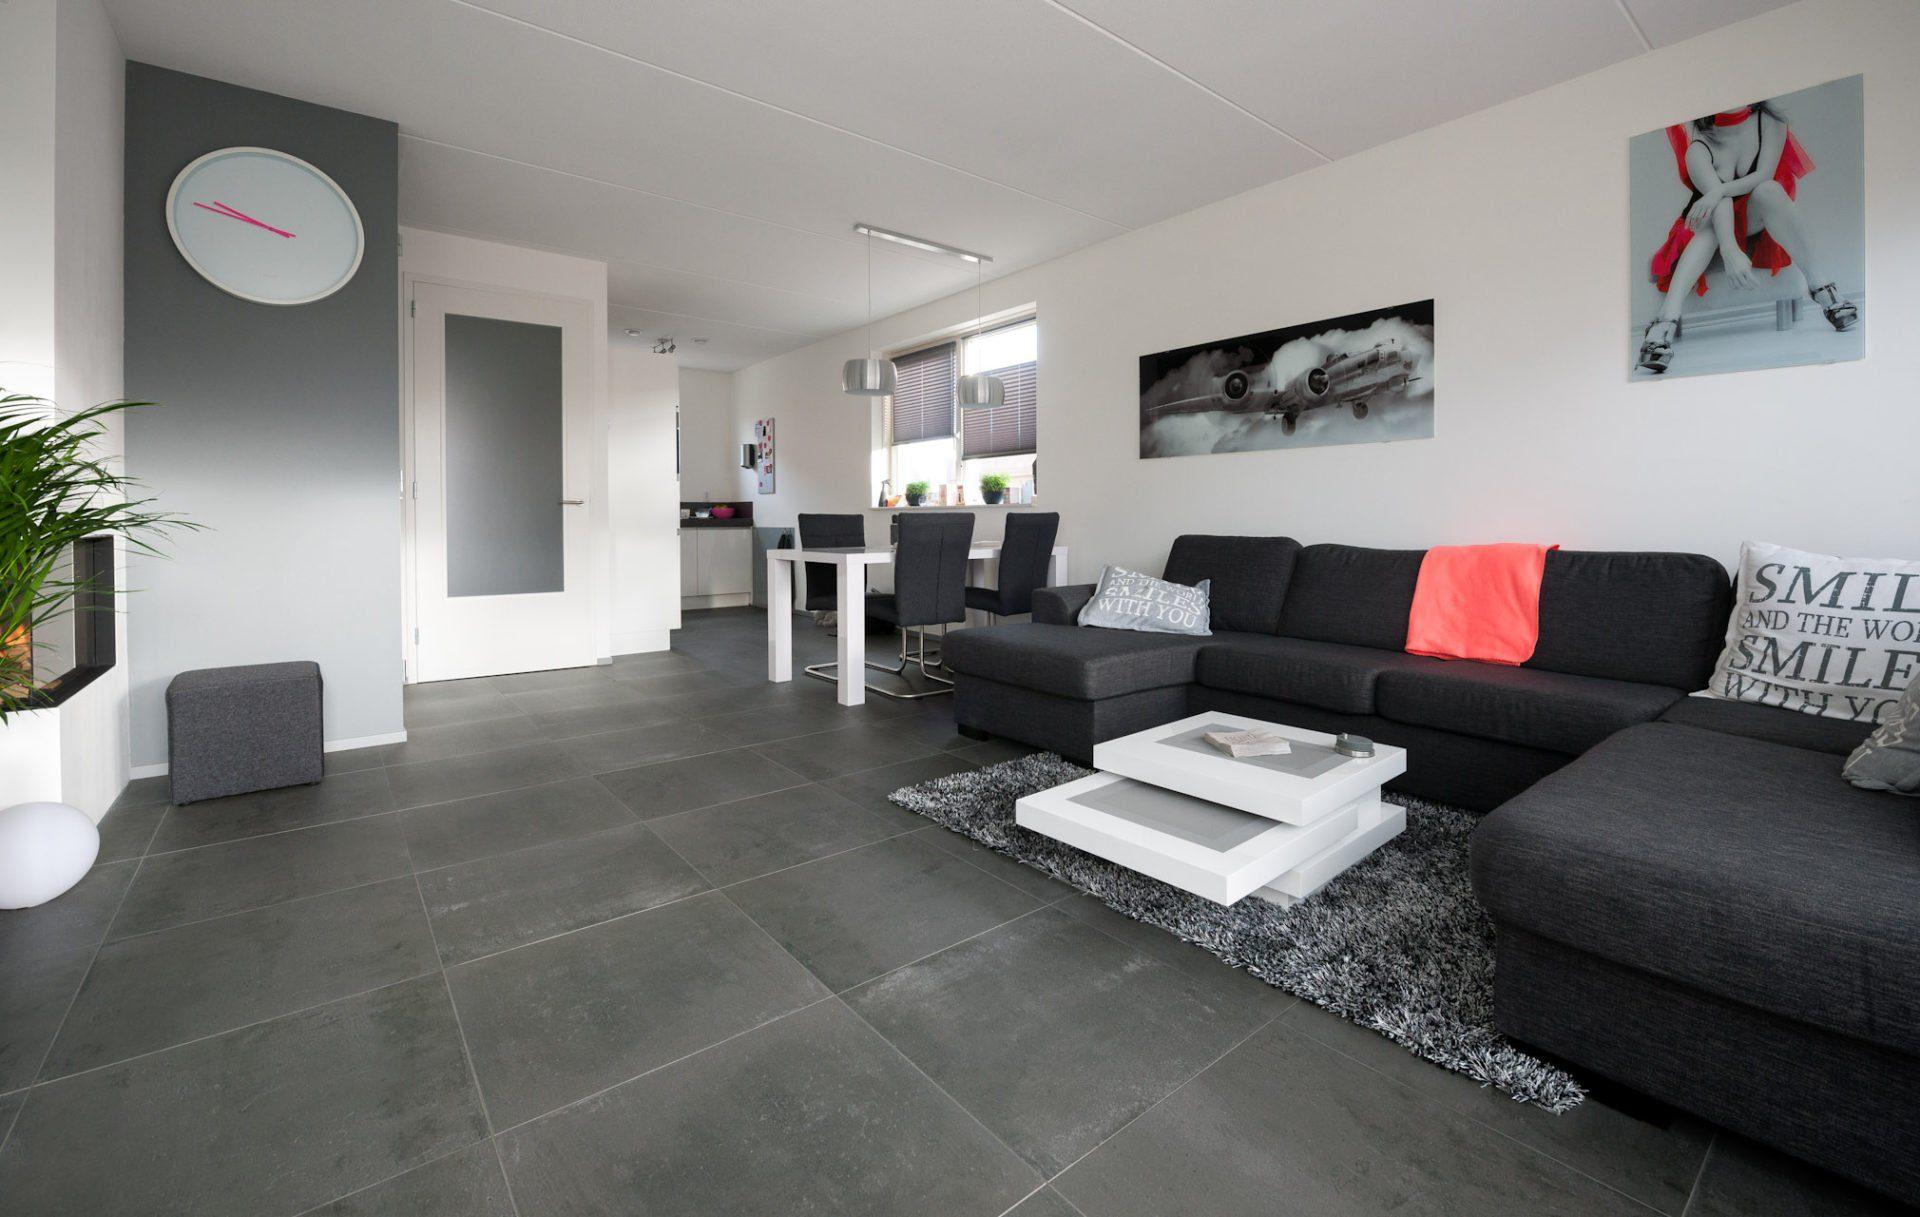 Zwarte tegels woonkamer: gepolijste vloeren mongolian woonkamer ...